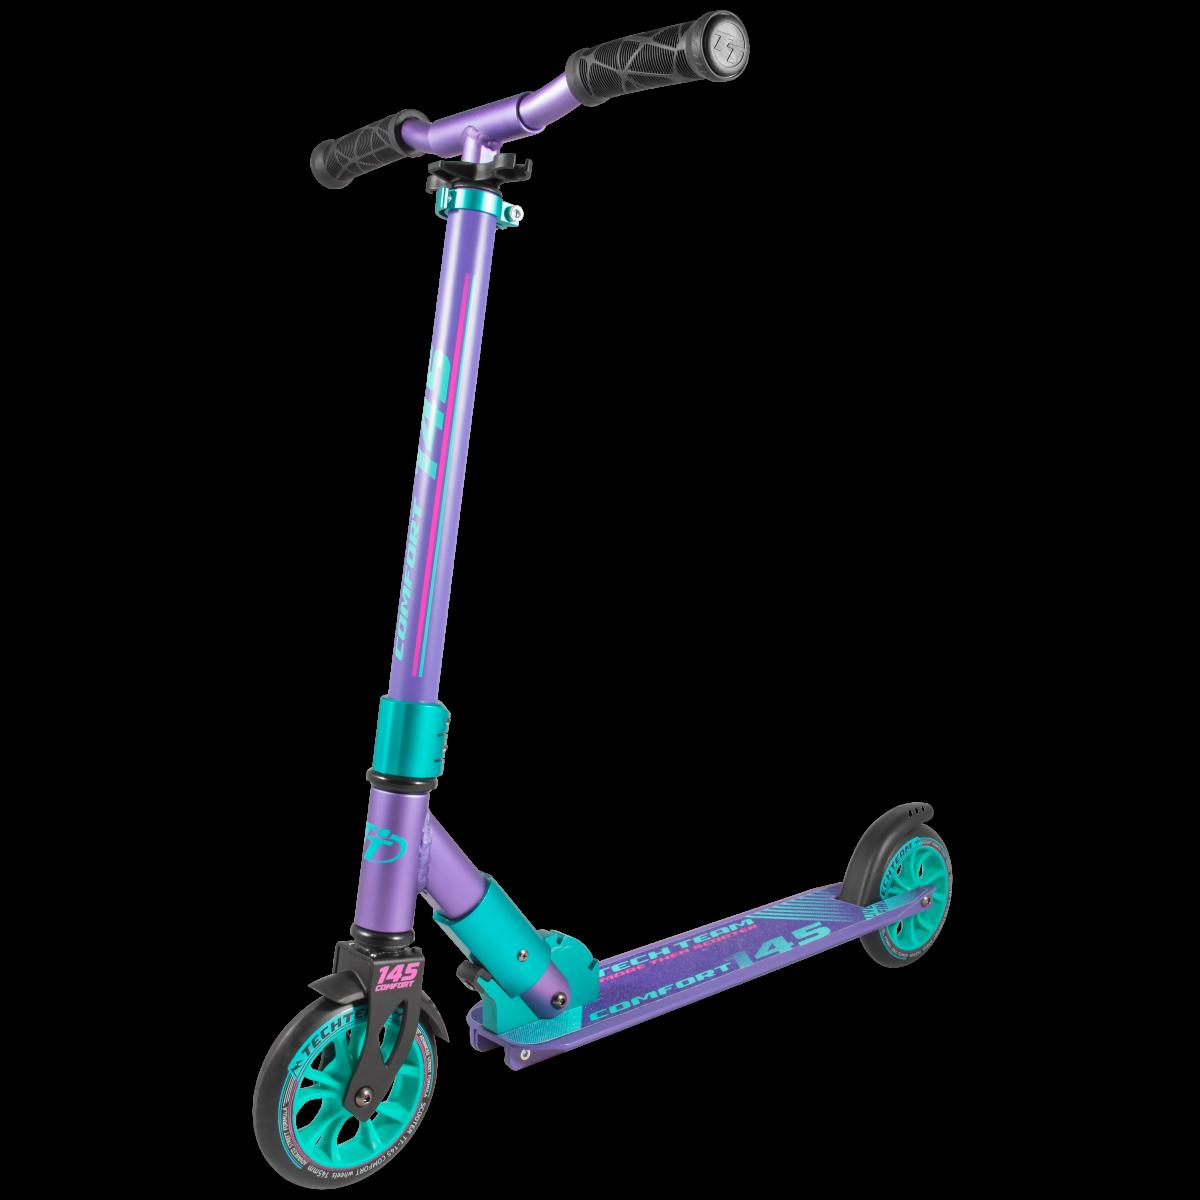 Самокат TechTeam 145 comfort 2019 фиолетовый